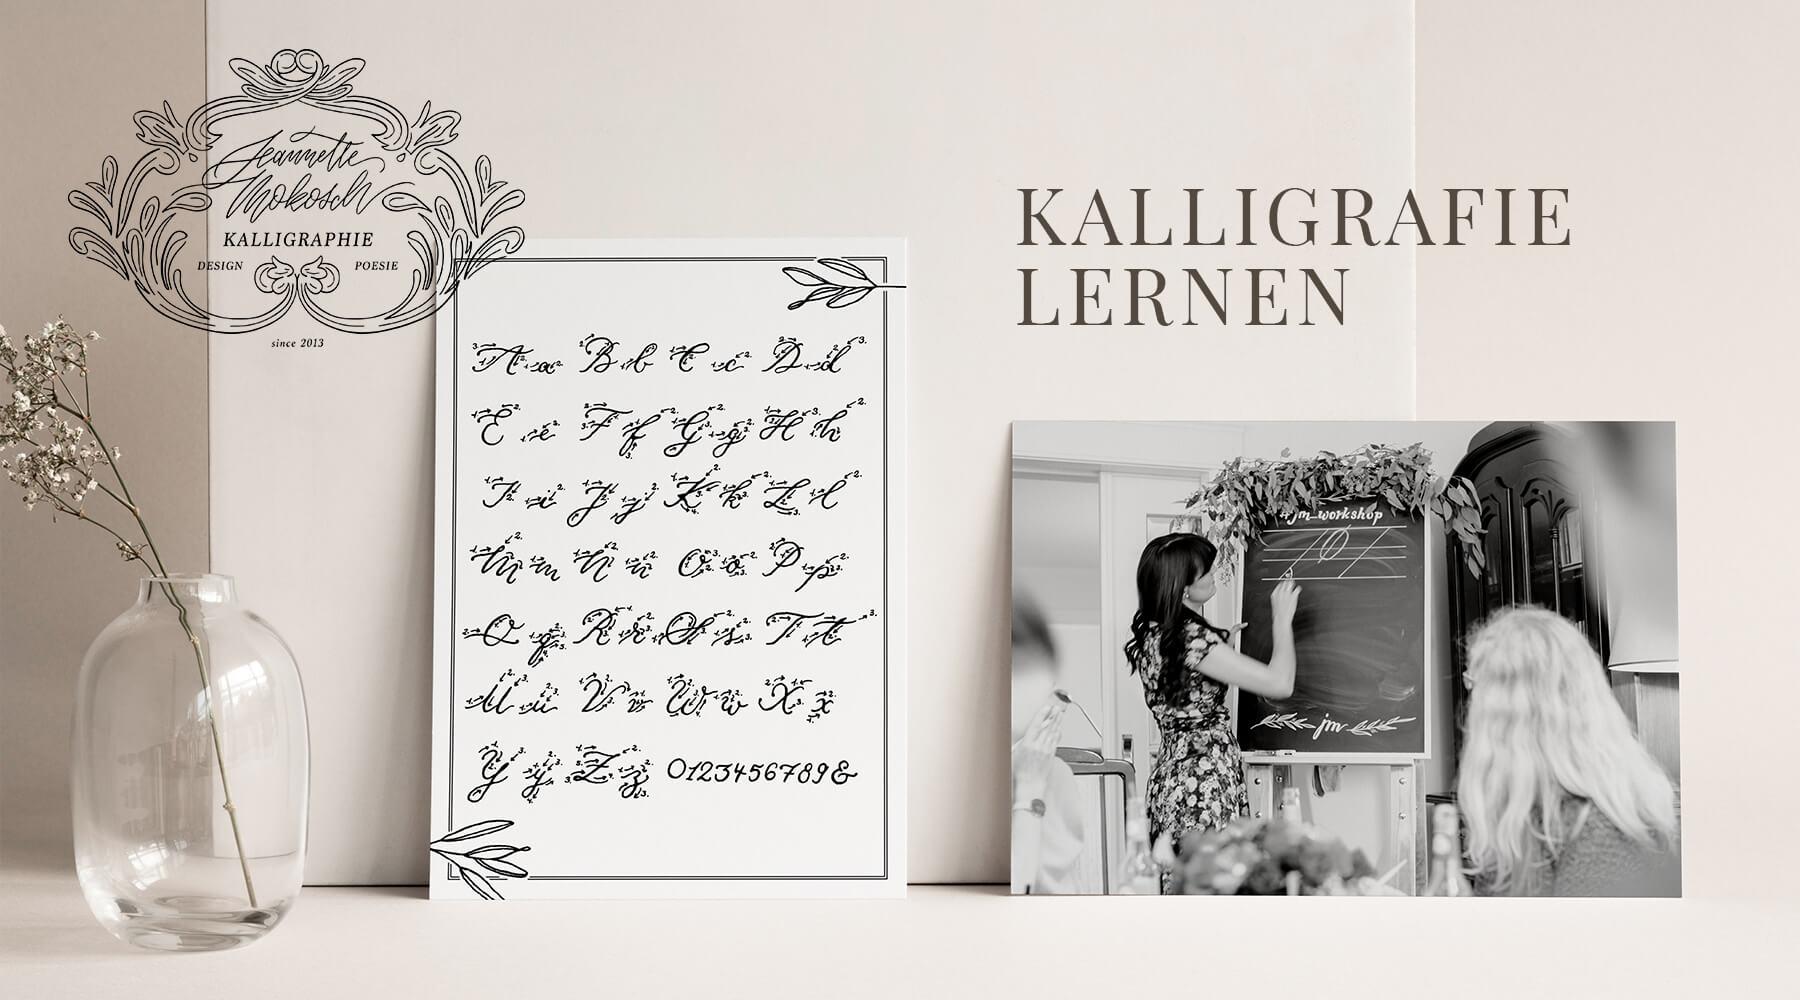 Kalligrafie lernen Kalligraphie Lettering